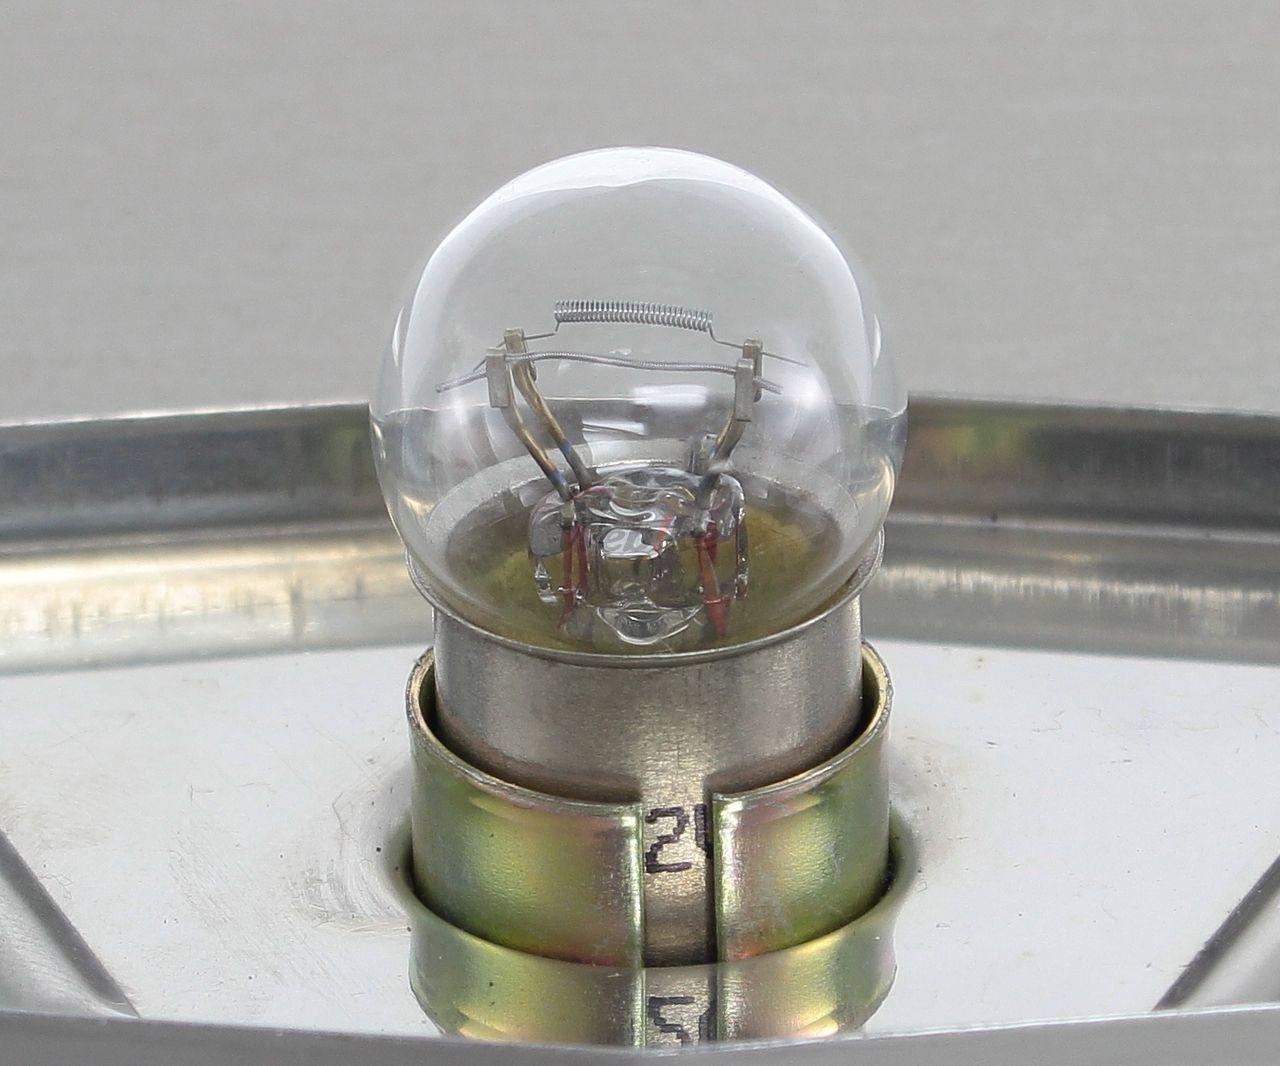 【KIJIMA】Lucas 型式 尾燈 - 「Webike-摩托百貨」